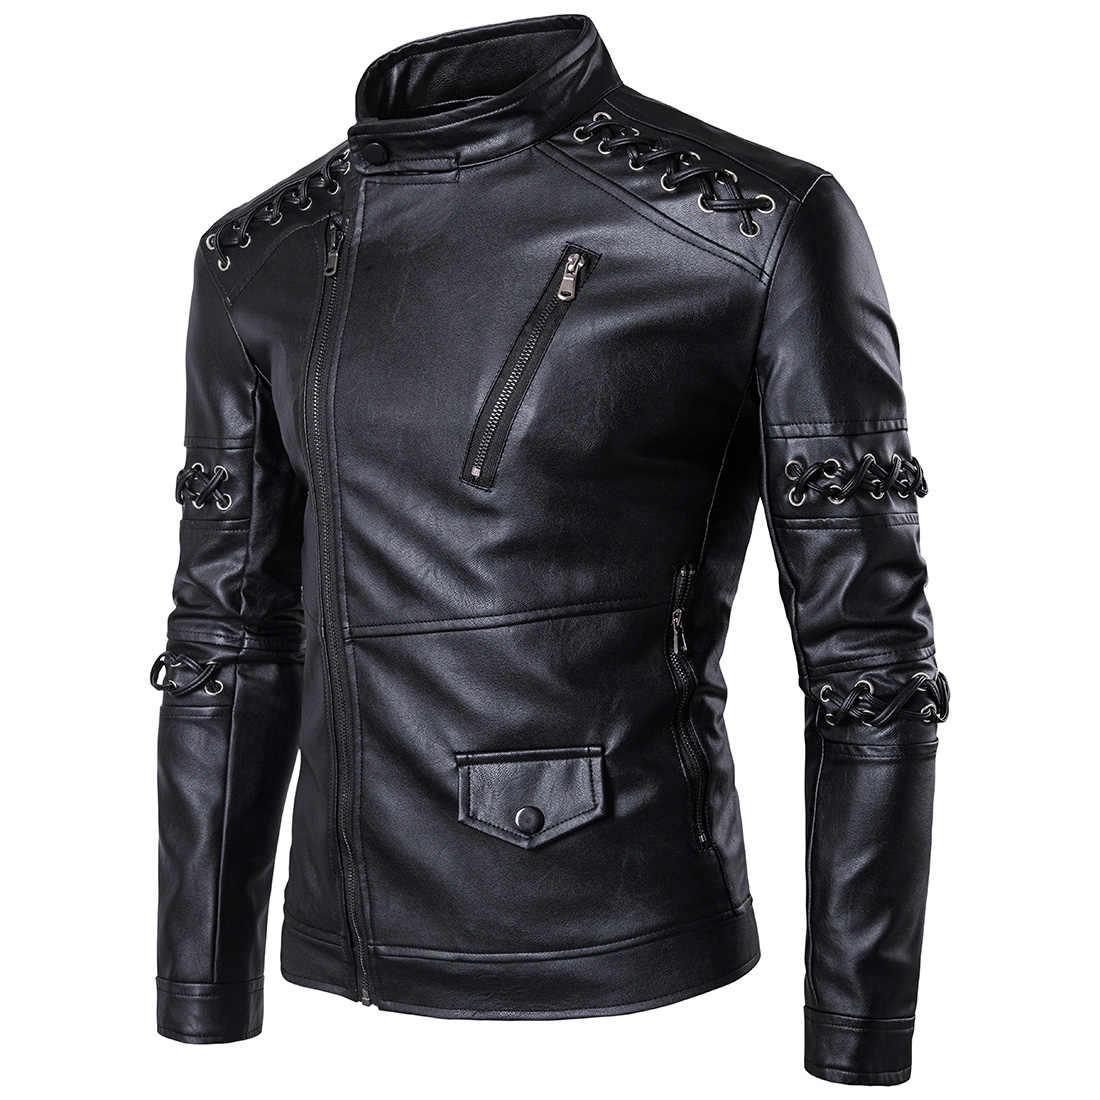 922e1a4bc96 Loldeal 2018 PU кожаная куртка мотоцикла мужские черные твердые Для мужчин  s пальто из искусственного меха